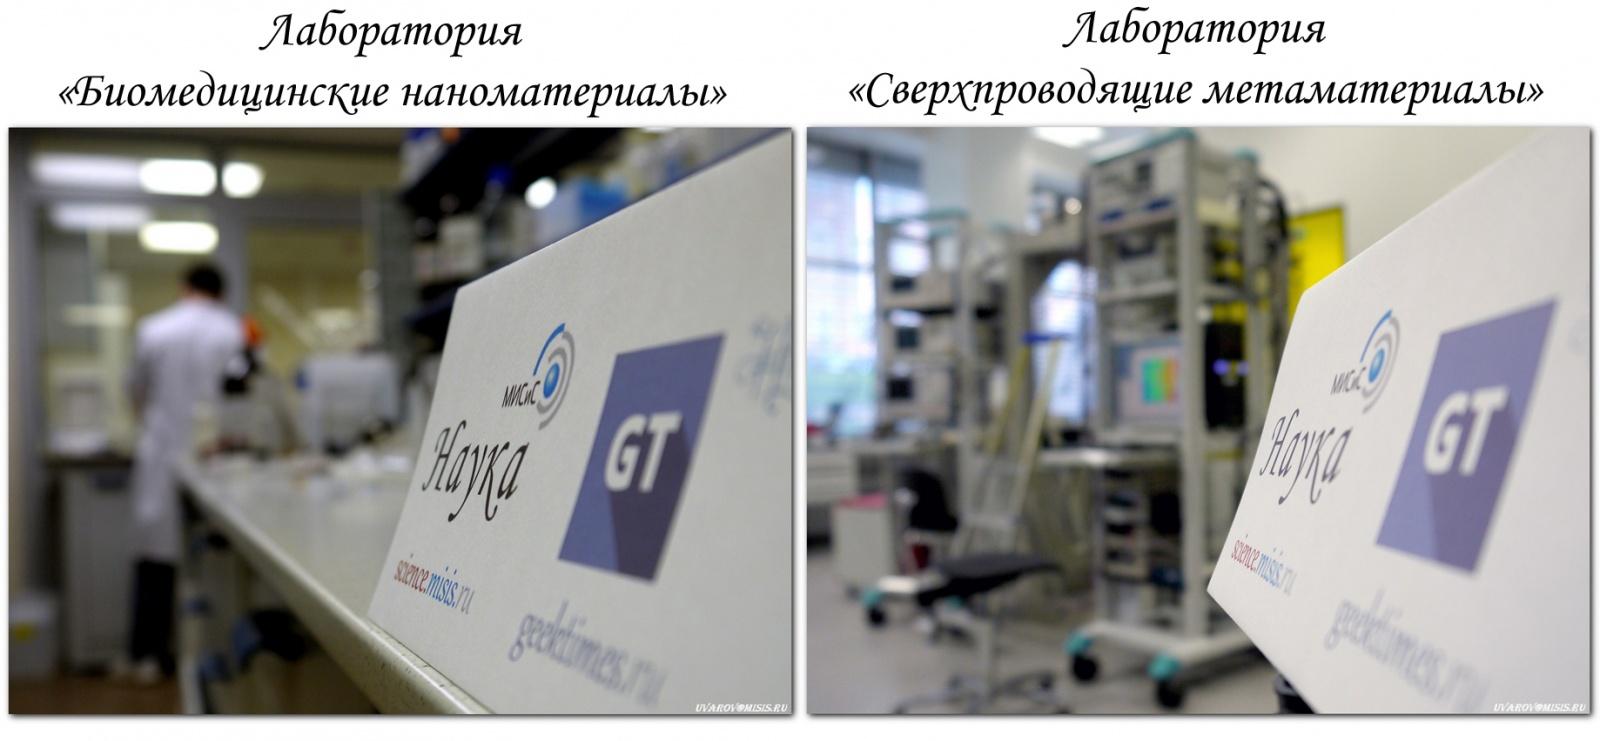 Лаборатории НИТУ «МИСиС»: от разделения наночастиц магнетита до создания квантового компьютера - 1